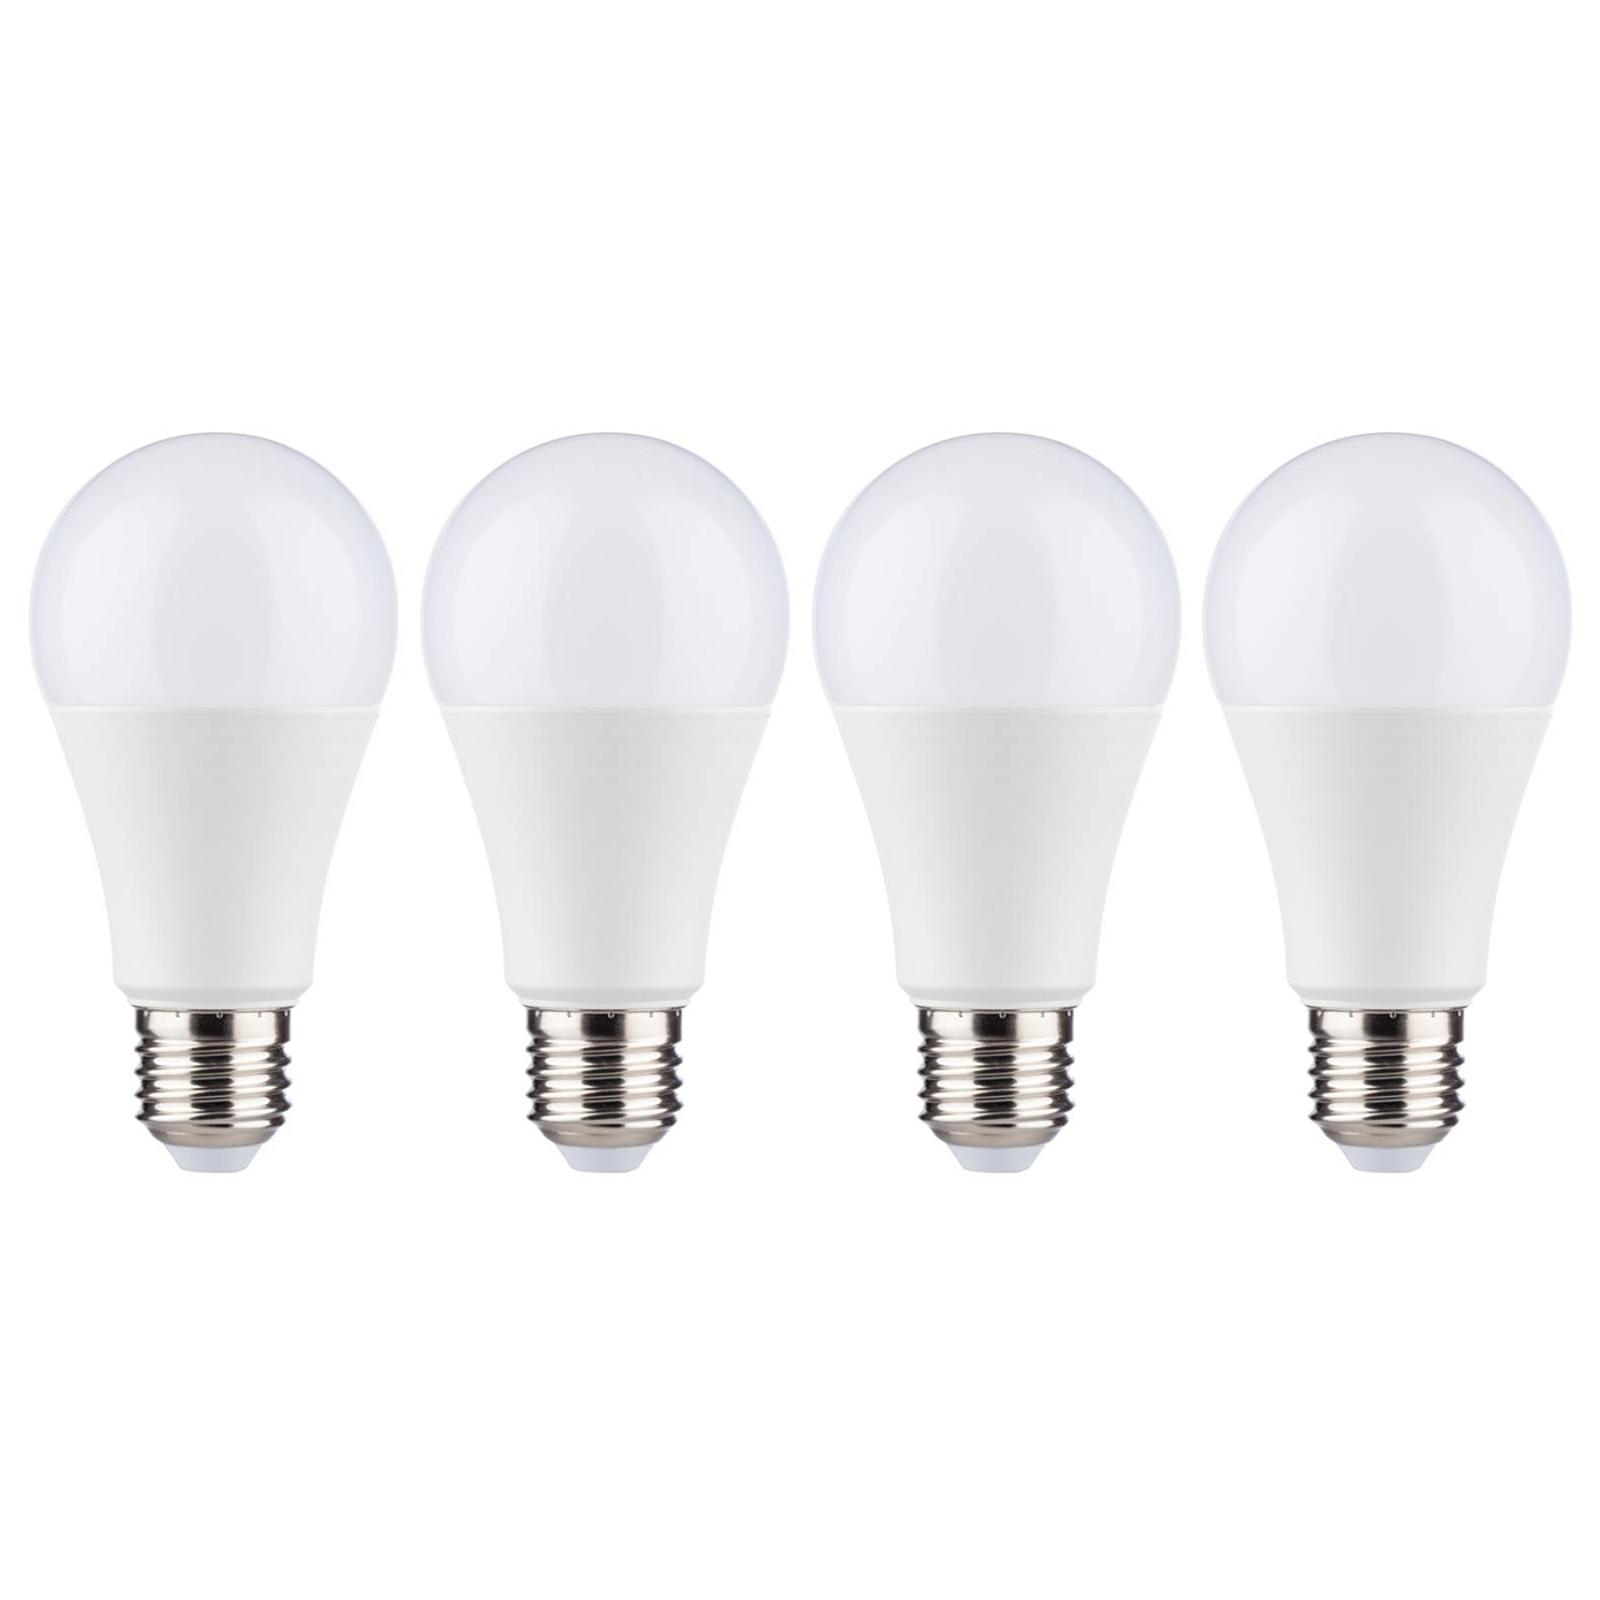 LED-Lampe E27 12W 2.700K opal im 4er-Pack